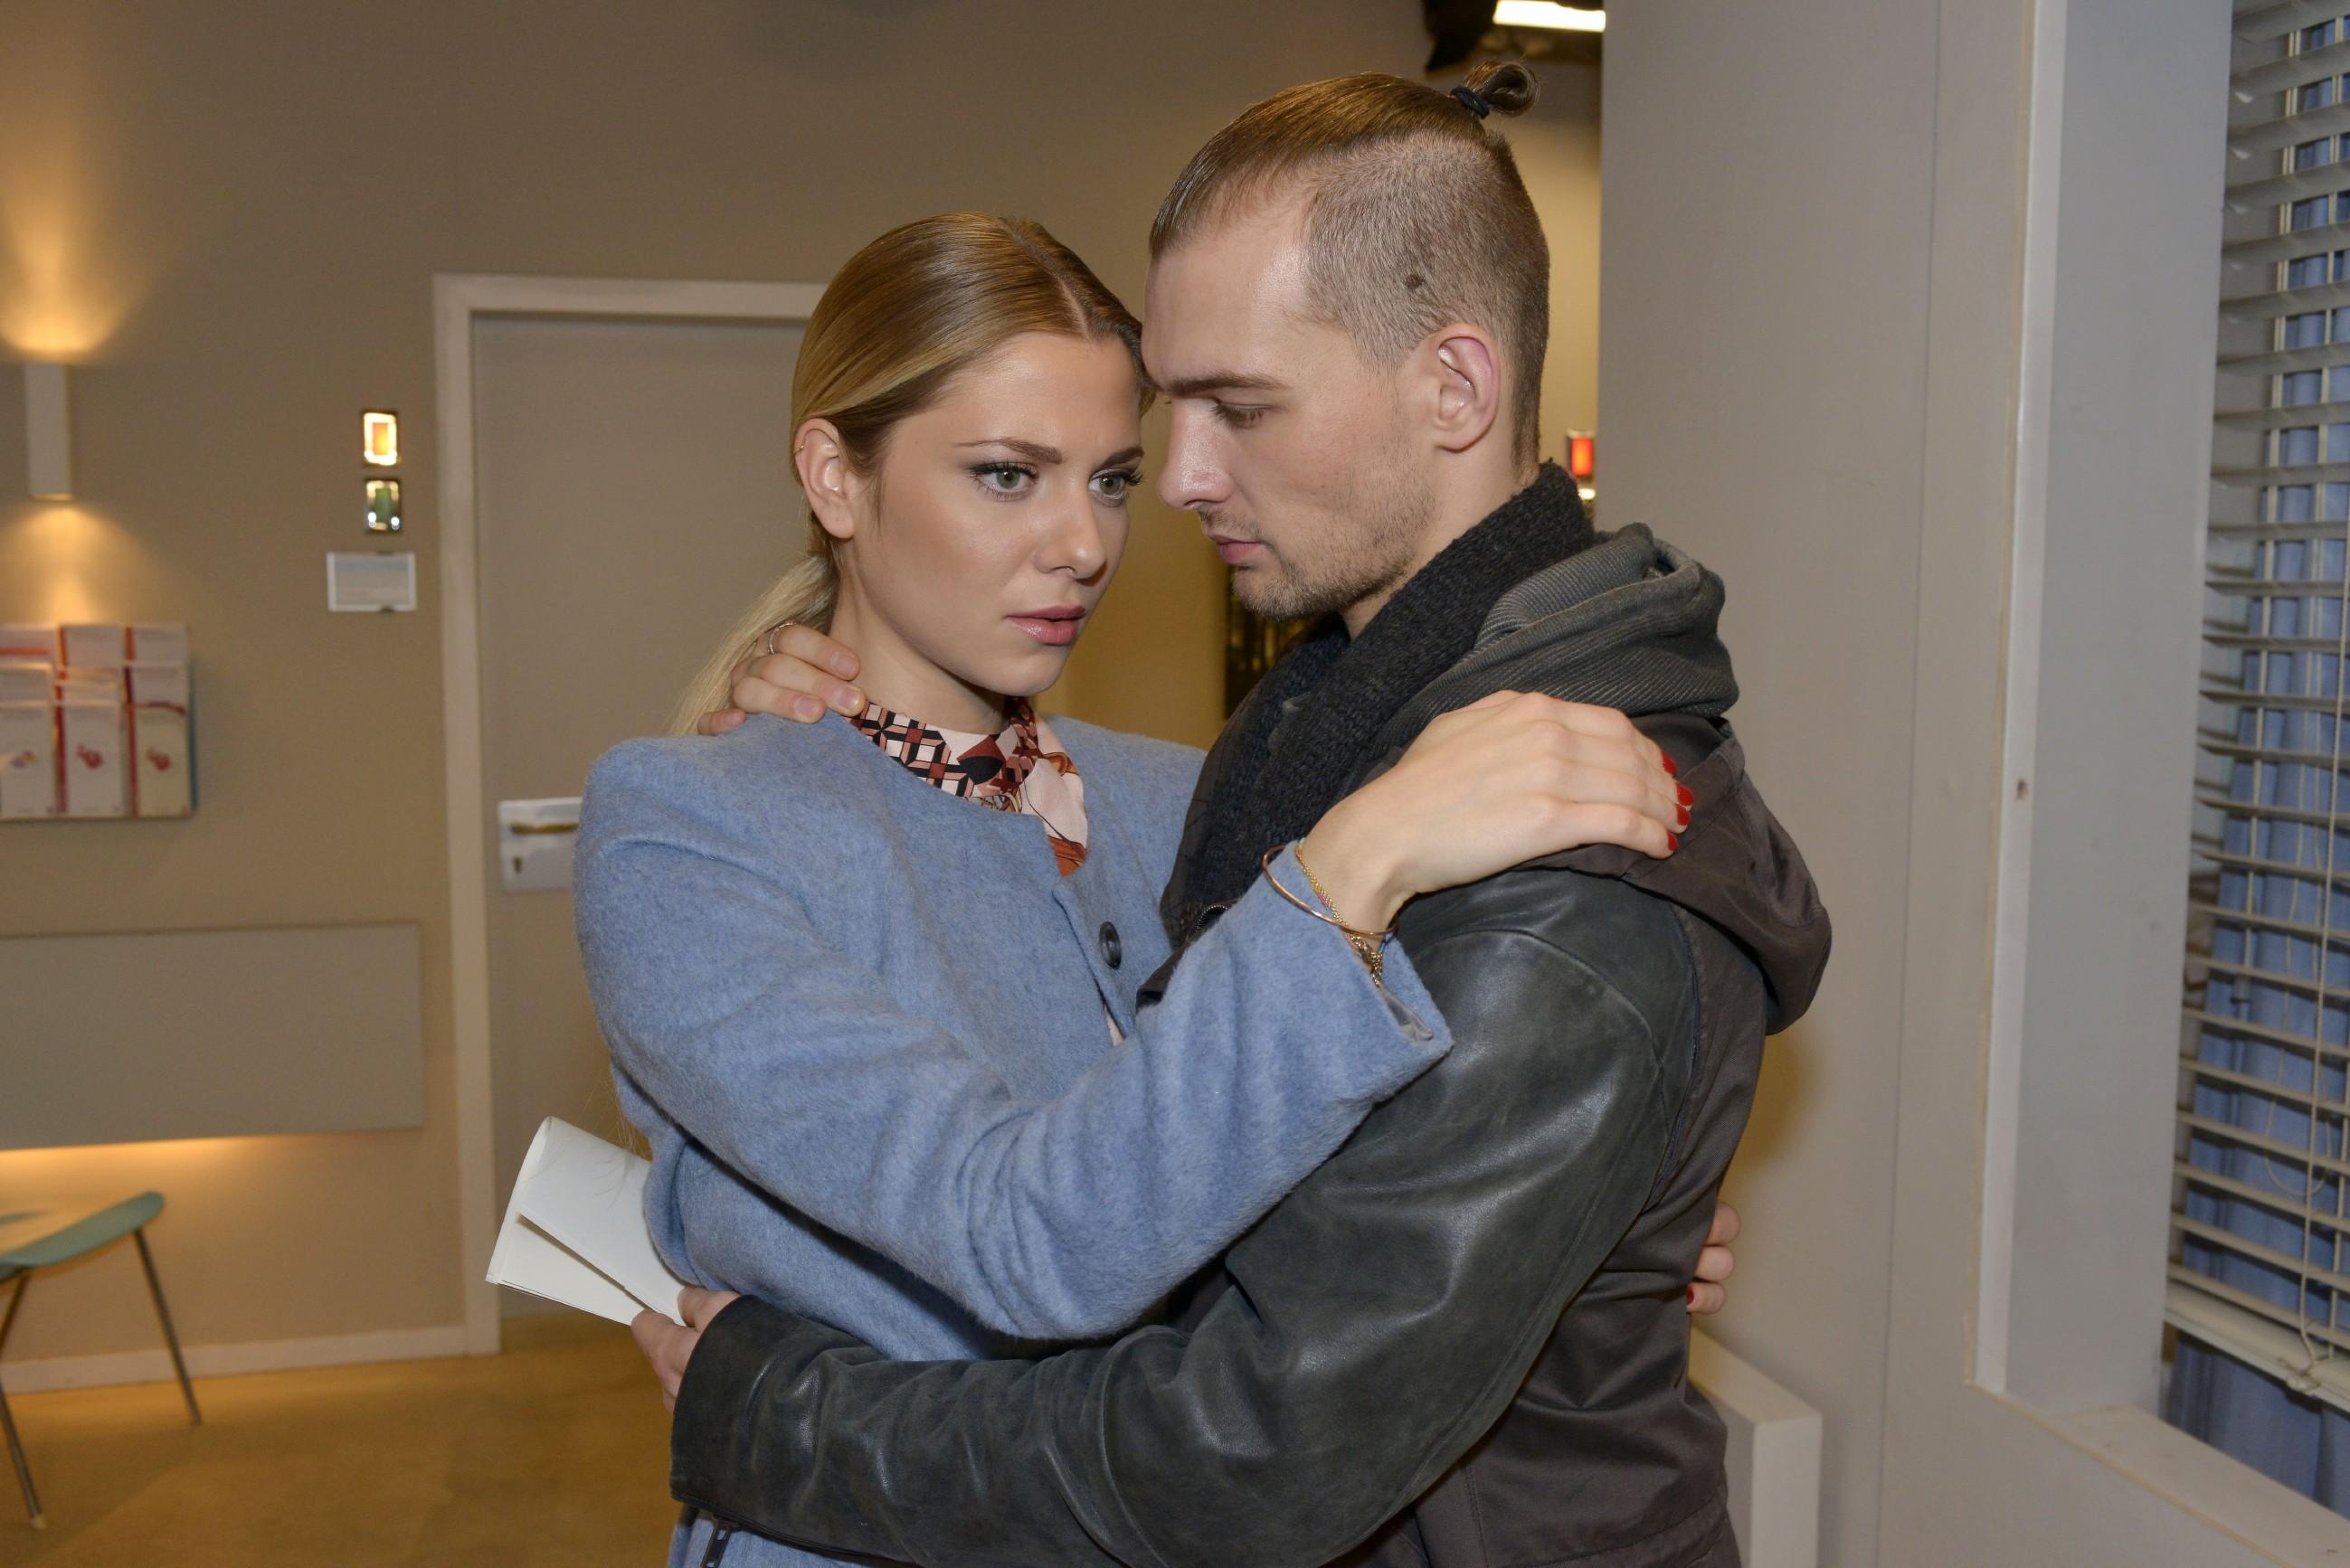 Während sich Sunny (Valentina Pahde) und Chris (Eric Stehfest) um Felix sorgen, hofft dieser, dass alles wie geplant läuft und Chris als Brandverursacher ins Visier der Polizei gerät... (Quelle: RTL / Rolf Baumgartner)